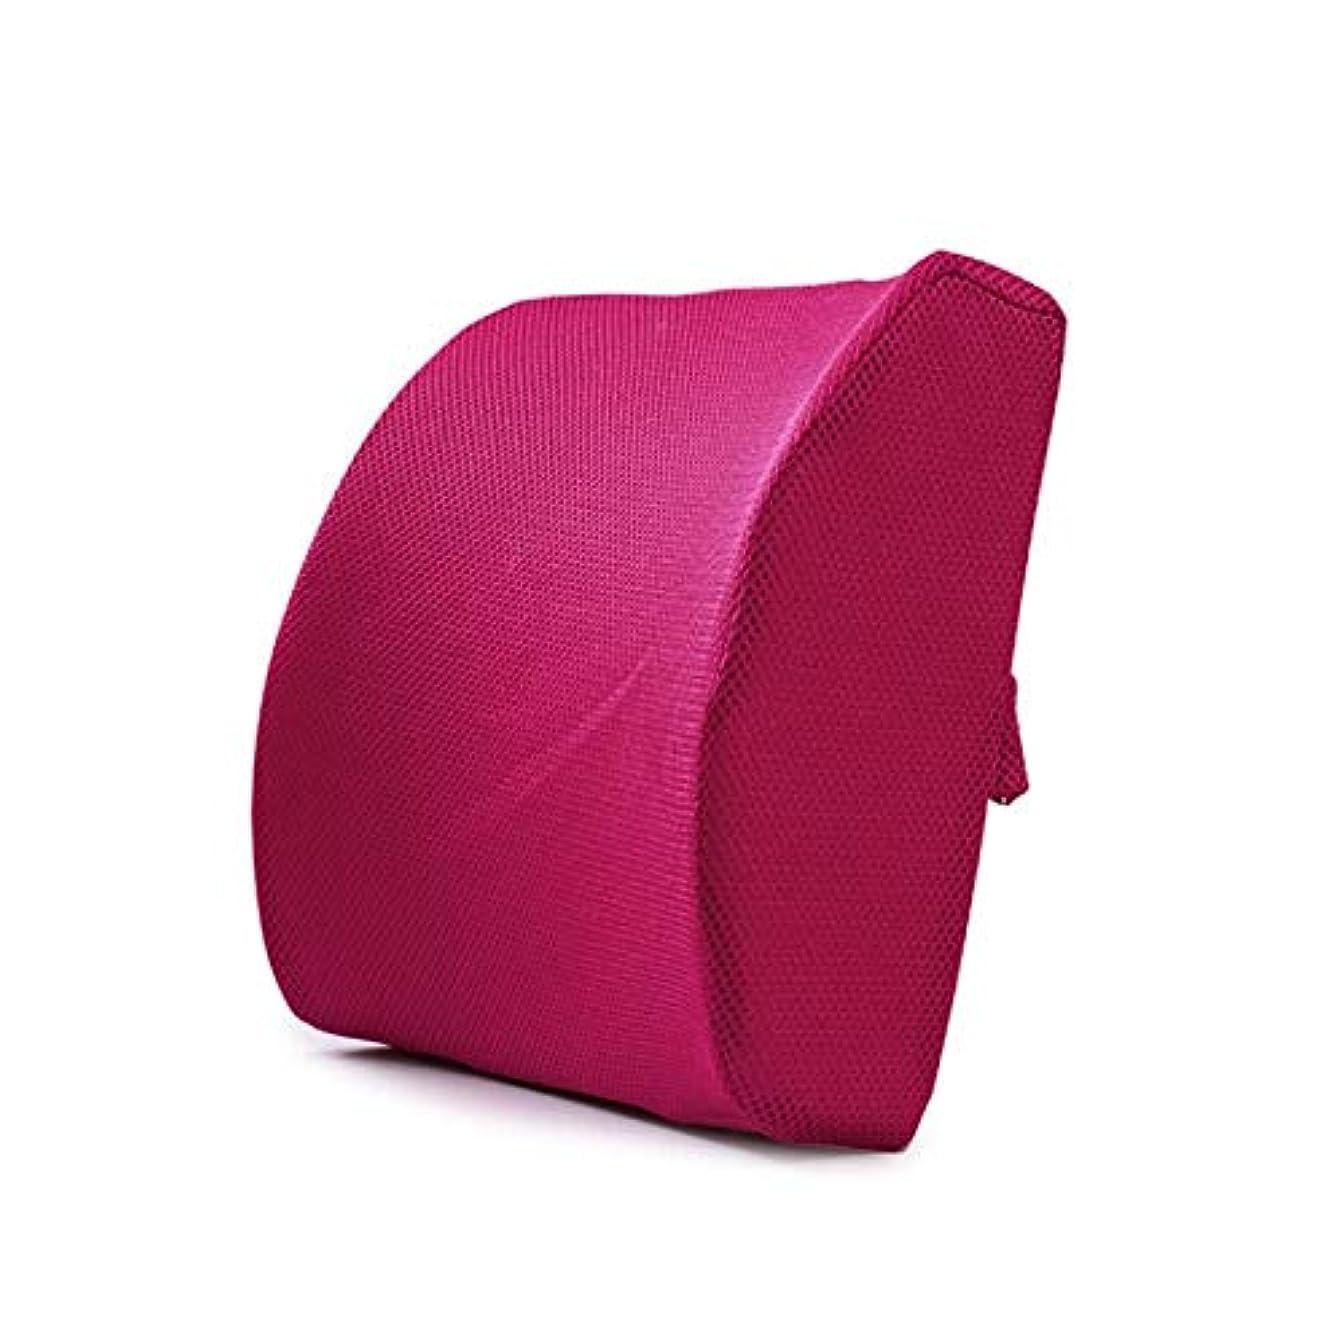 を必要としていますダッシュ破滅的なLIFE ホームオフィス背もたれ椅子腰椎クッションカーシートネック枕 3D 低反発サポートバックマッサージウエストレスリビング枕 クッション 椅子